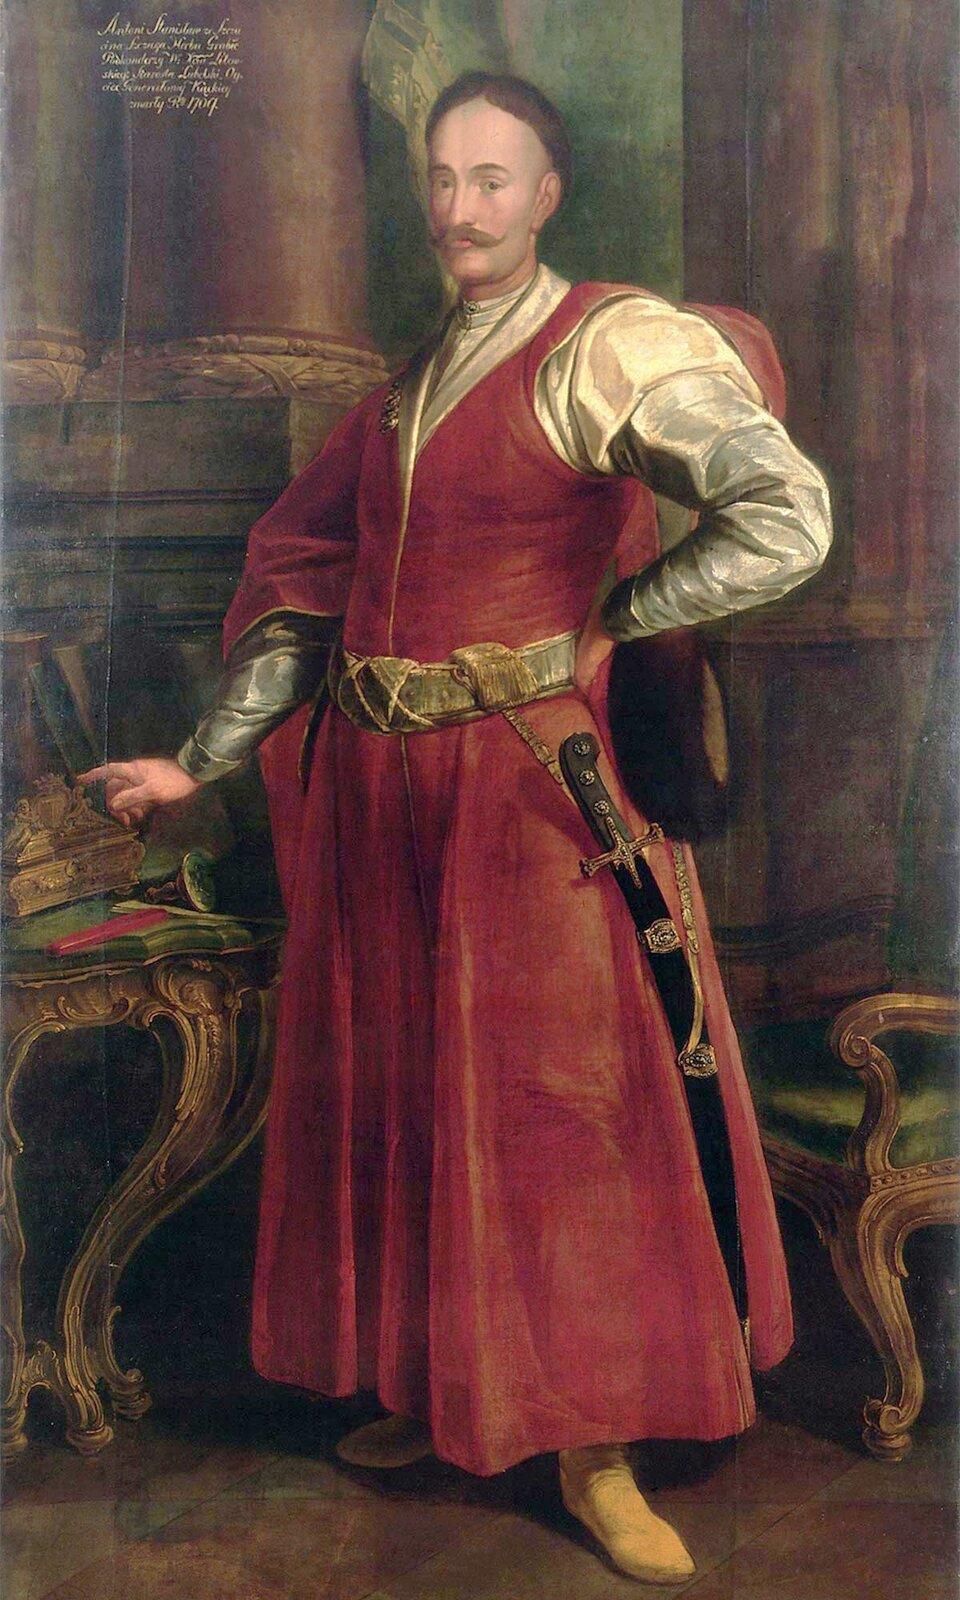 Portret Stanisława Antoniego Szczuki Źródło: Portret Stanisława Antoniego Szczuki, ok. 1735–1740, olej na płótnie, domena publiczna.